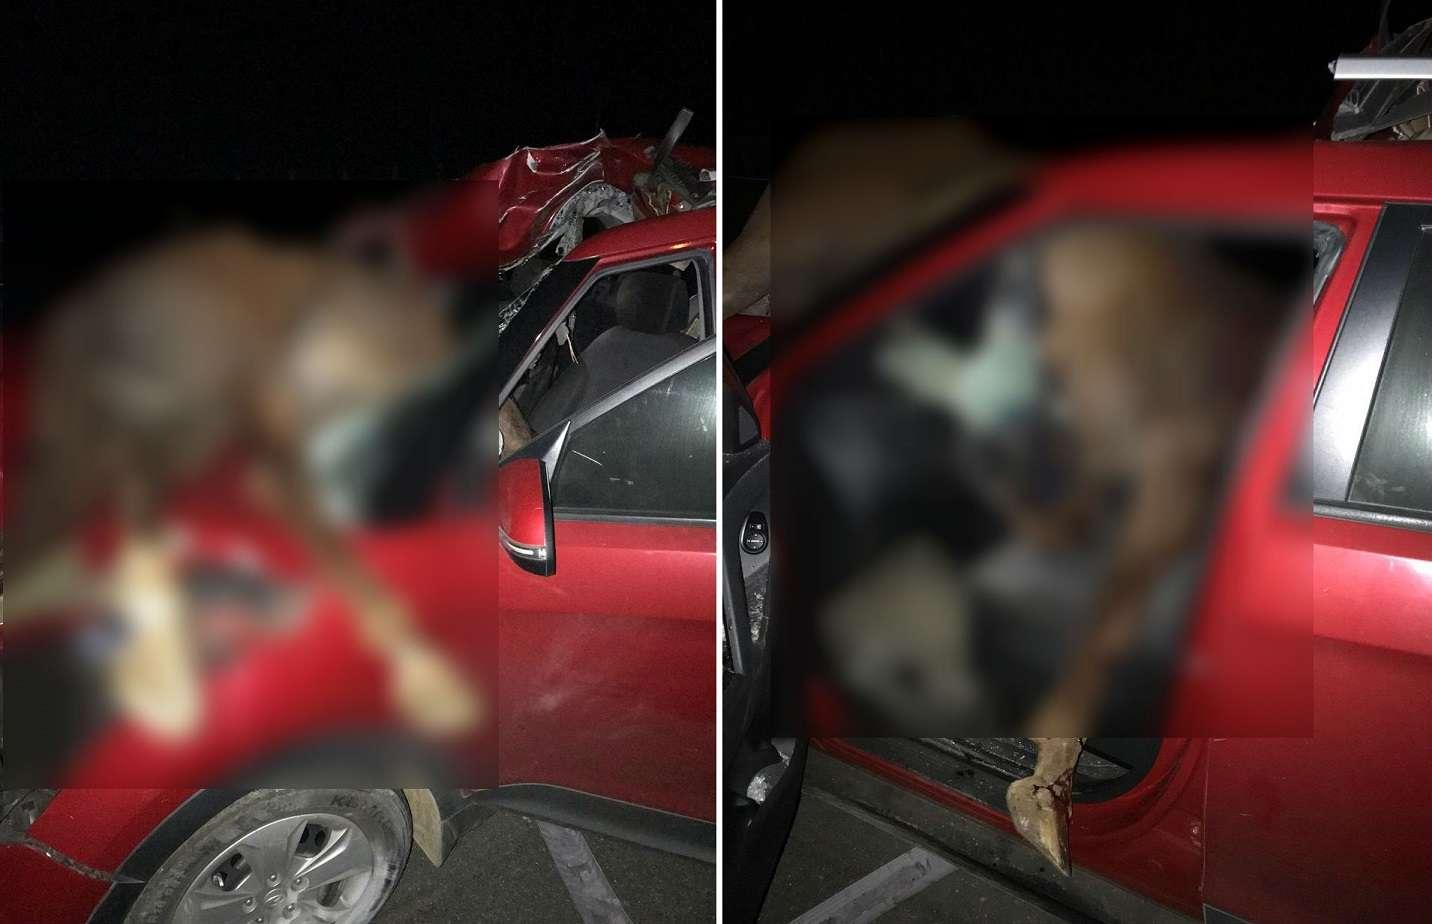 Vista general de la escena del accidente en Chiriquí. Fotos: Mayra Madrid